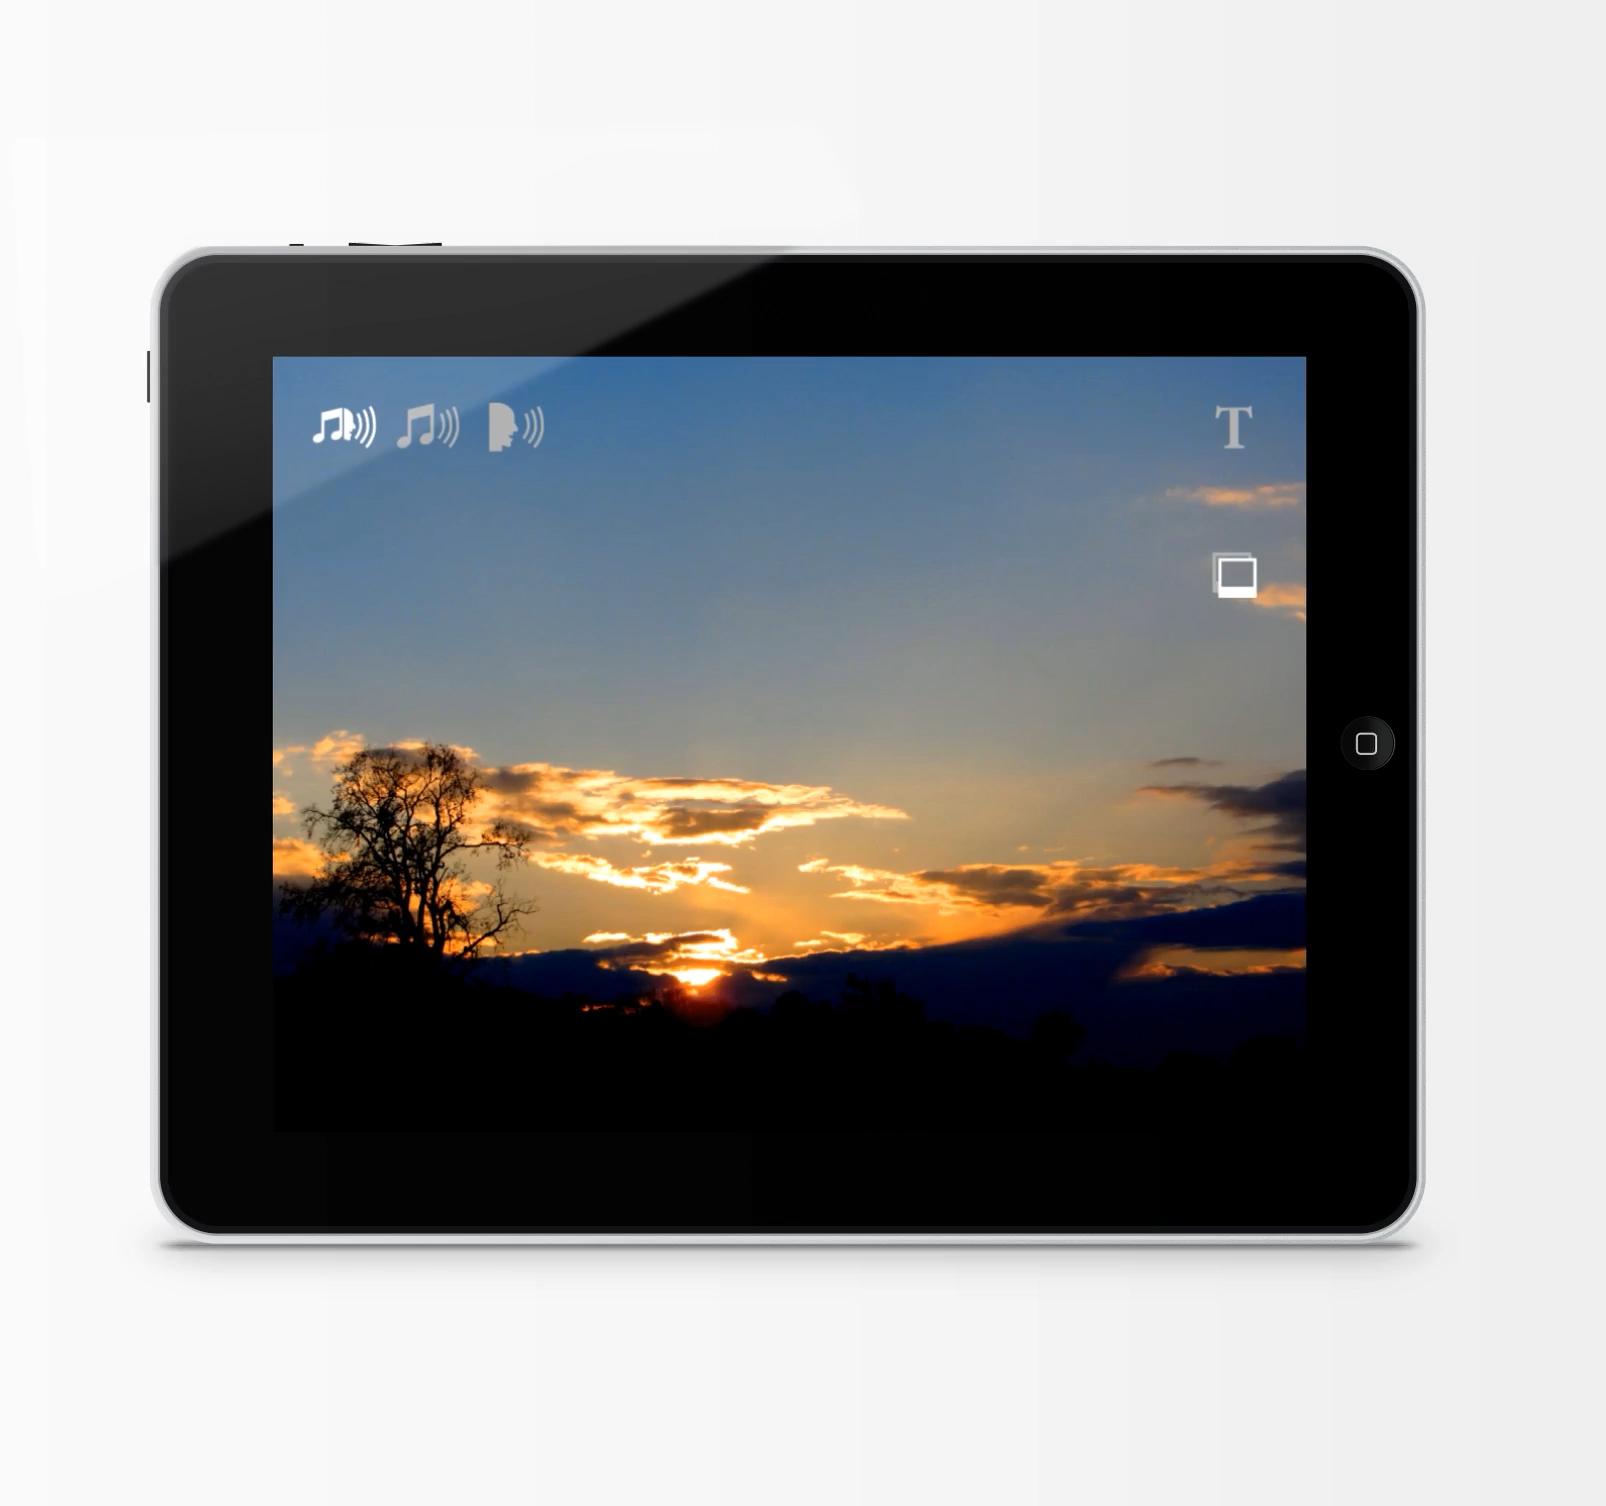 iPad_MagicHour_2ImagePinchZoom